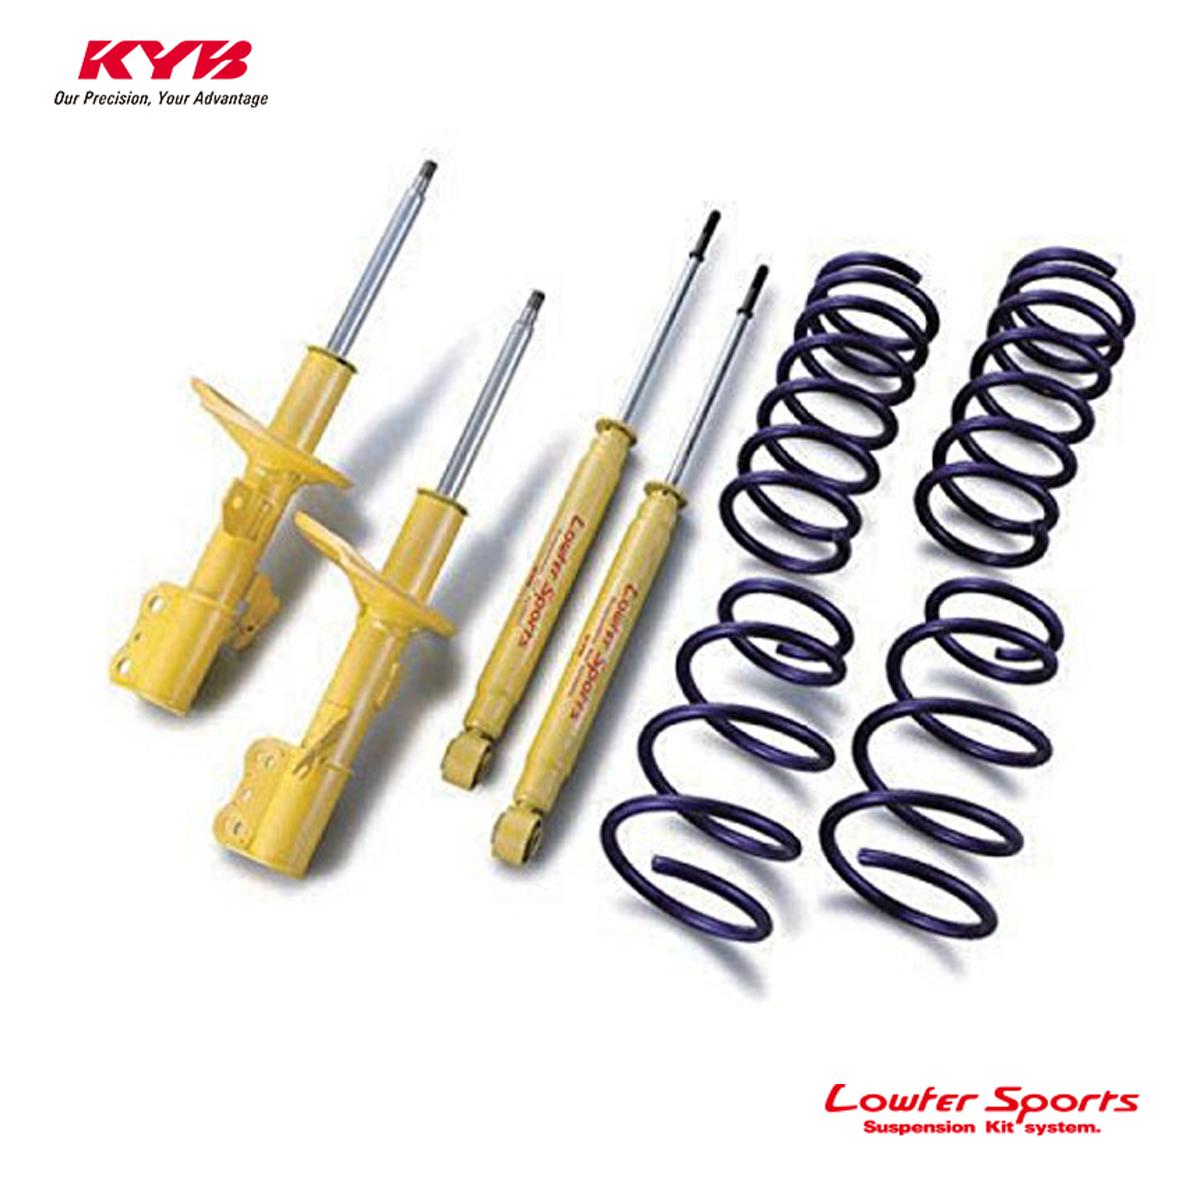 KYB カヤバ レヴォーグ VM4 ショックアブソーバー サスペンションキット Lowfer Sports LKIT-VM4 配送先条件有り